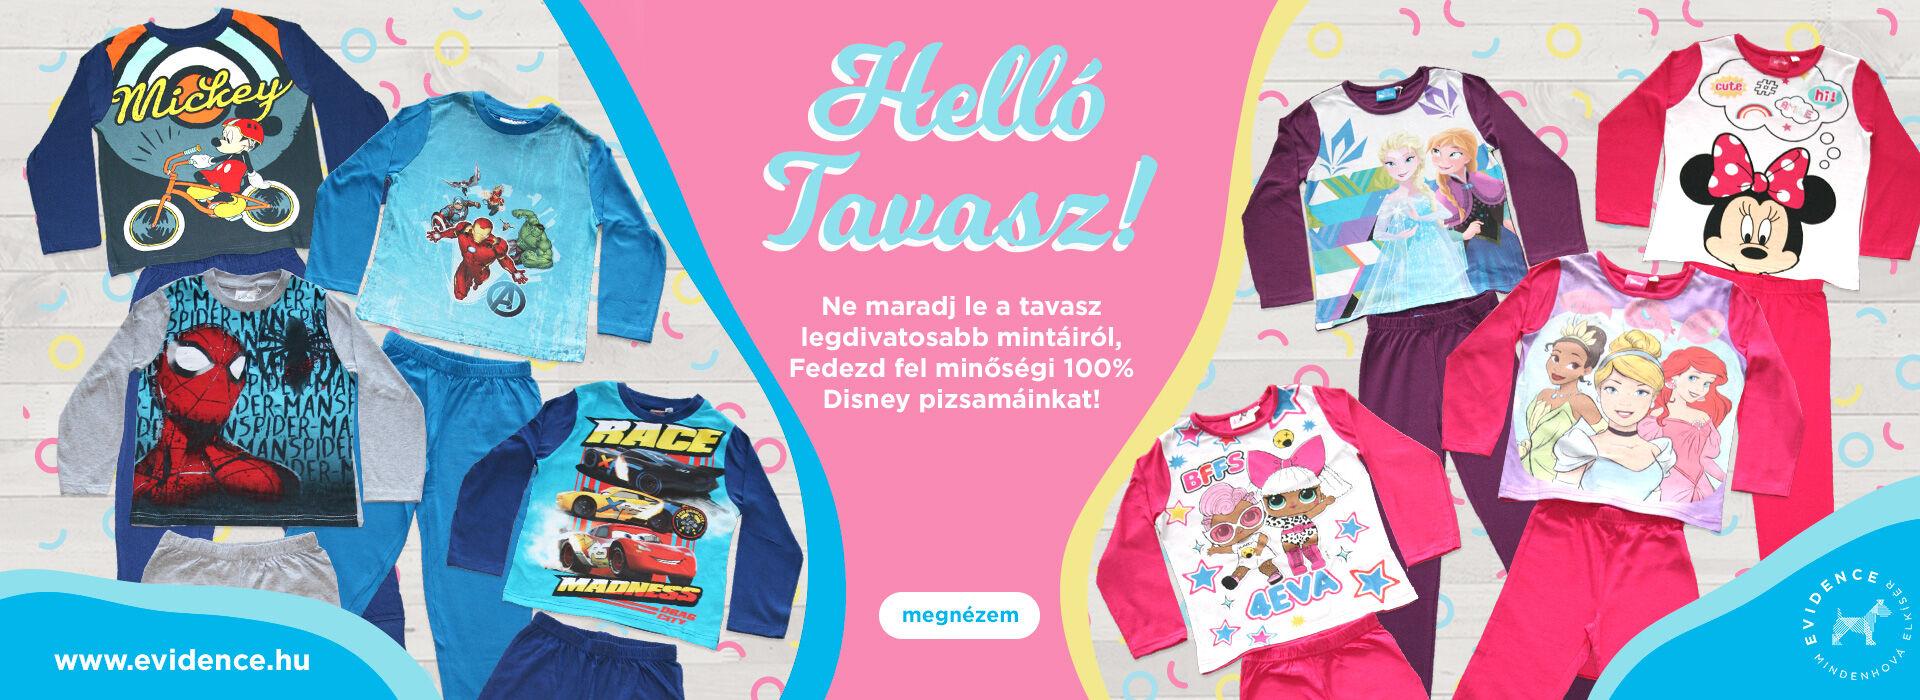 evdc_spring_pyjamas